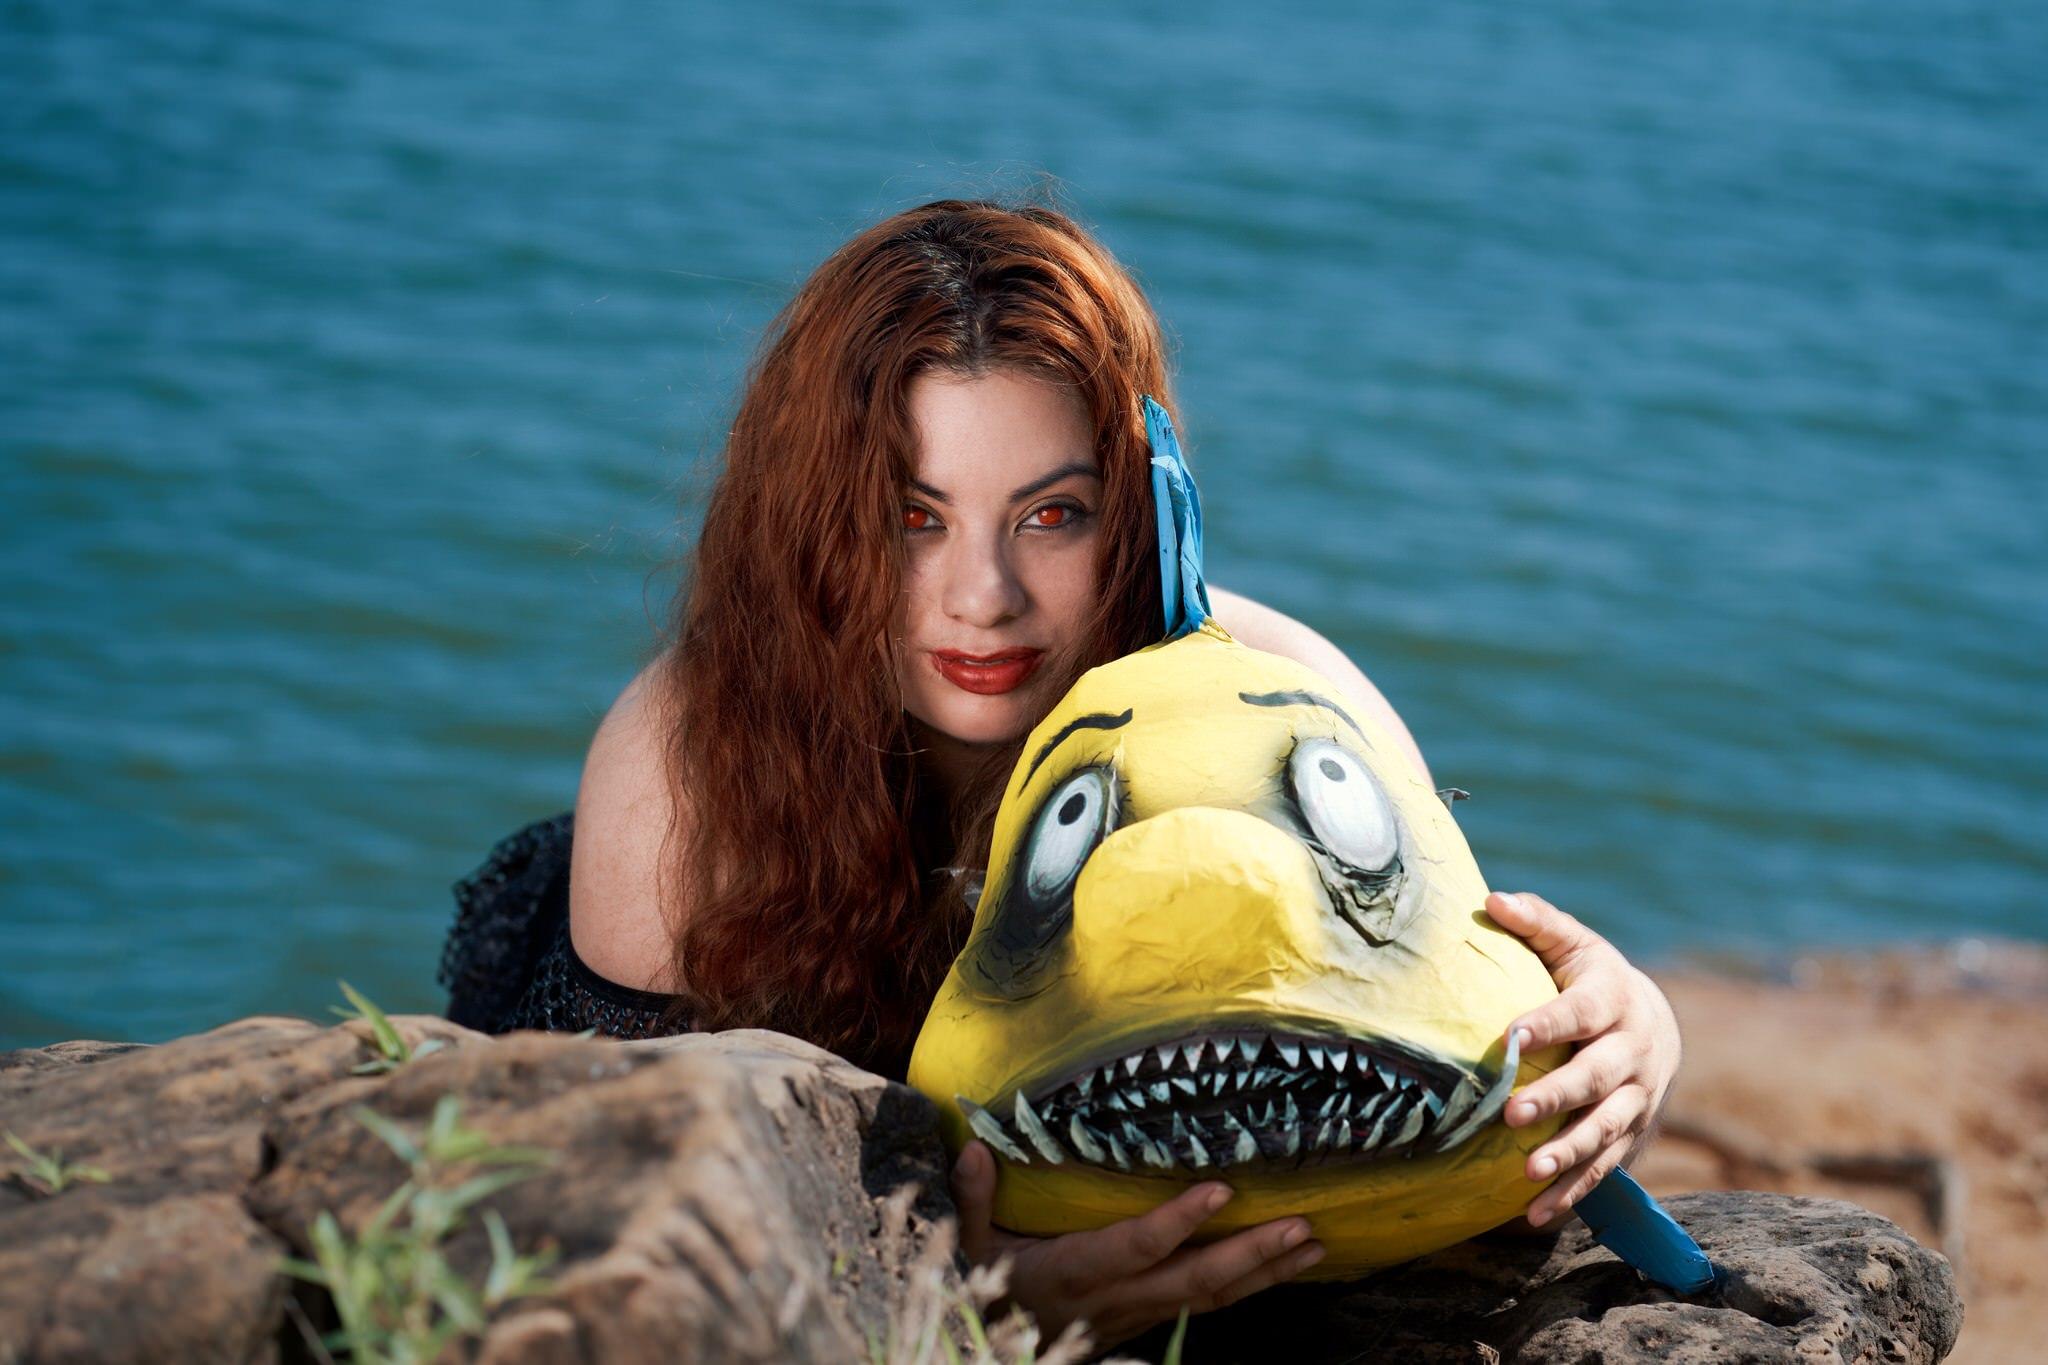 Brenda as Gothic Ariel #5